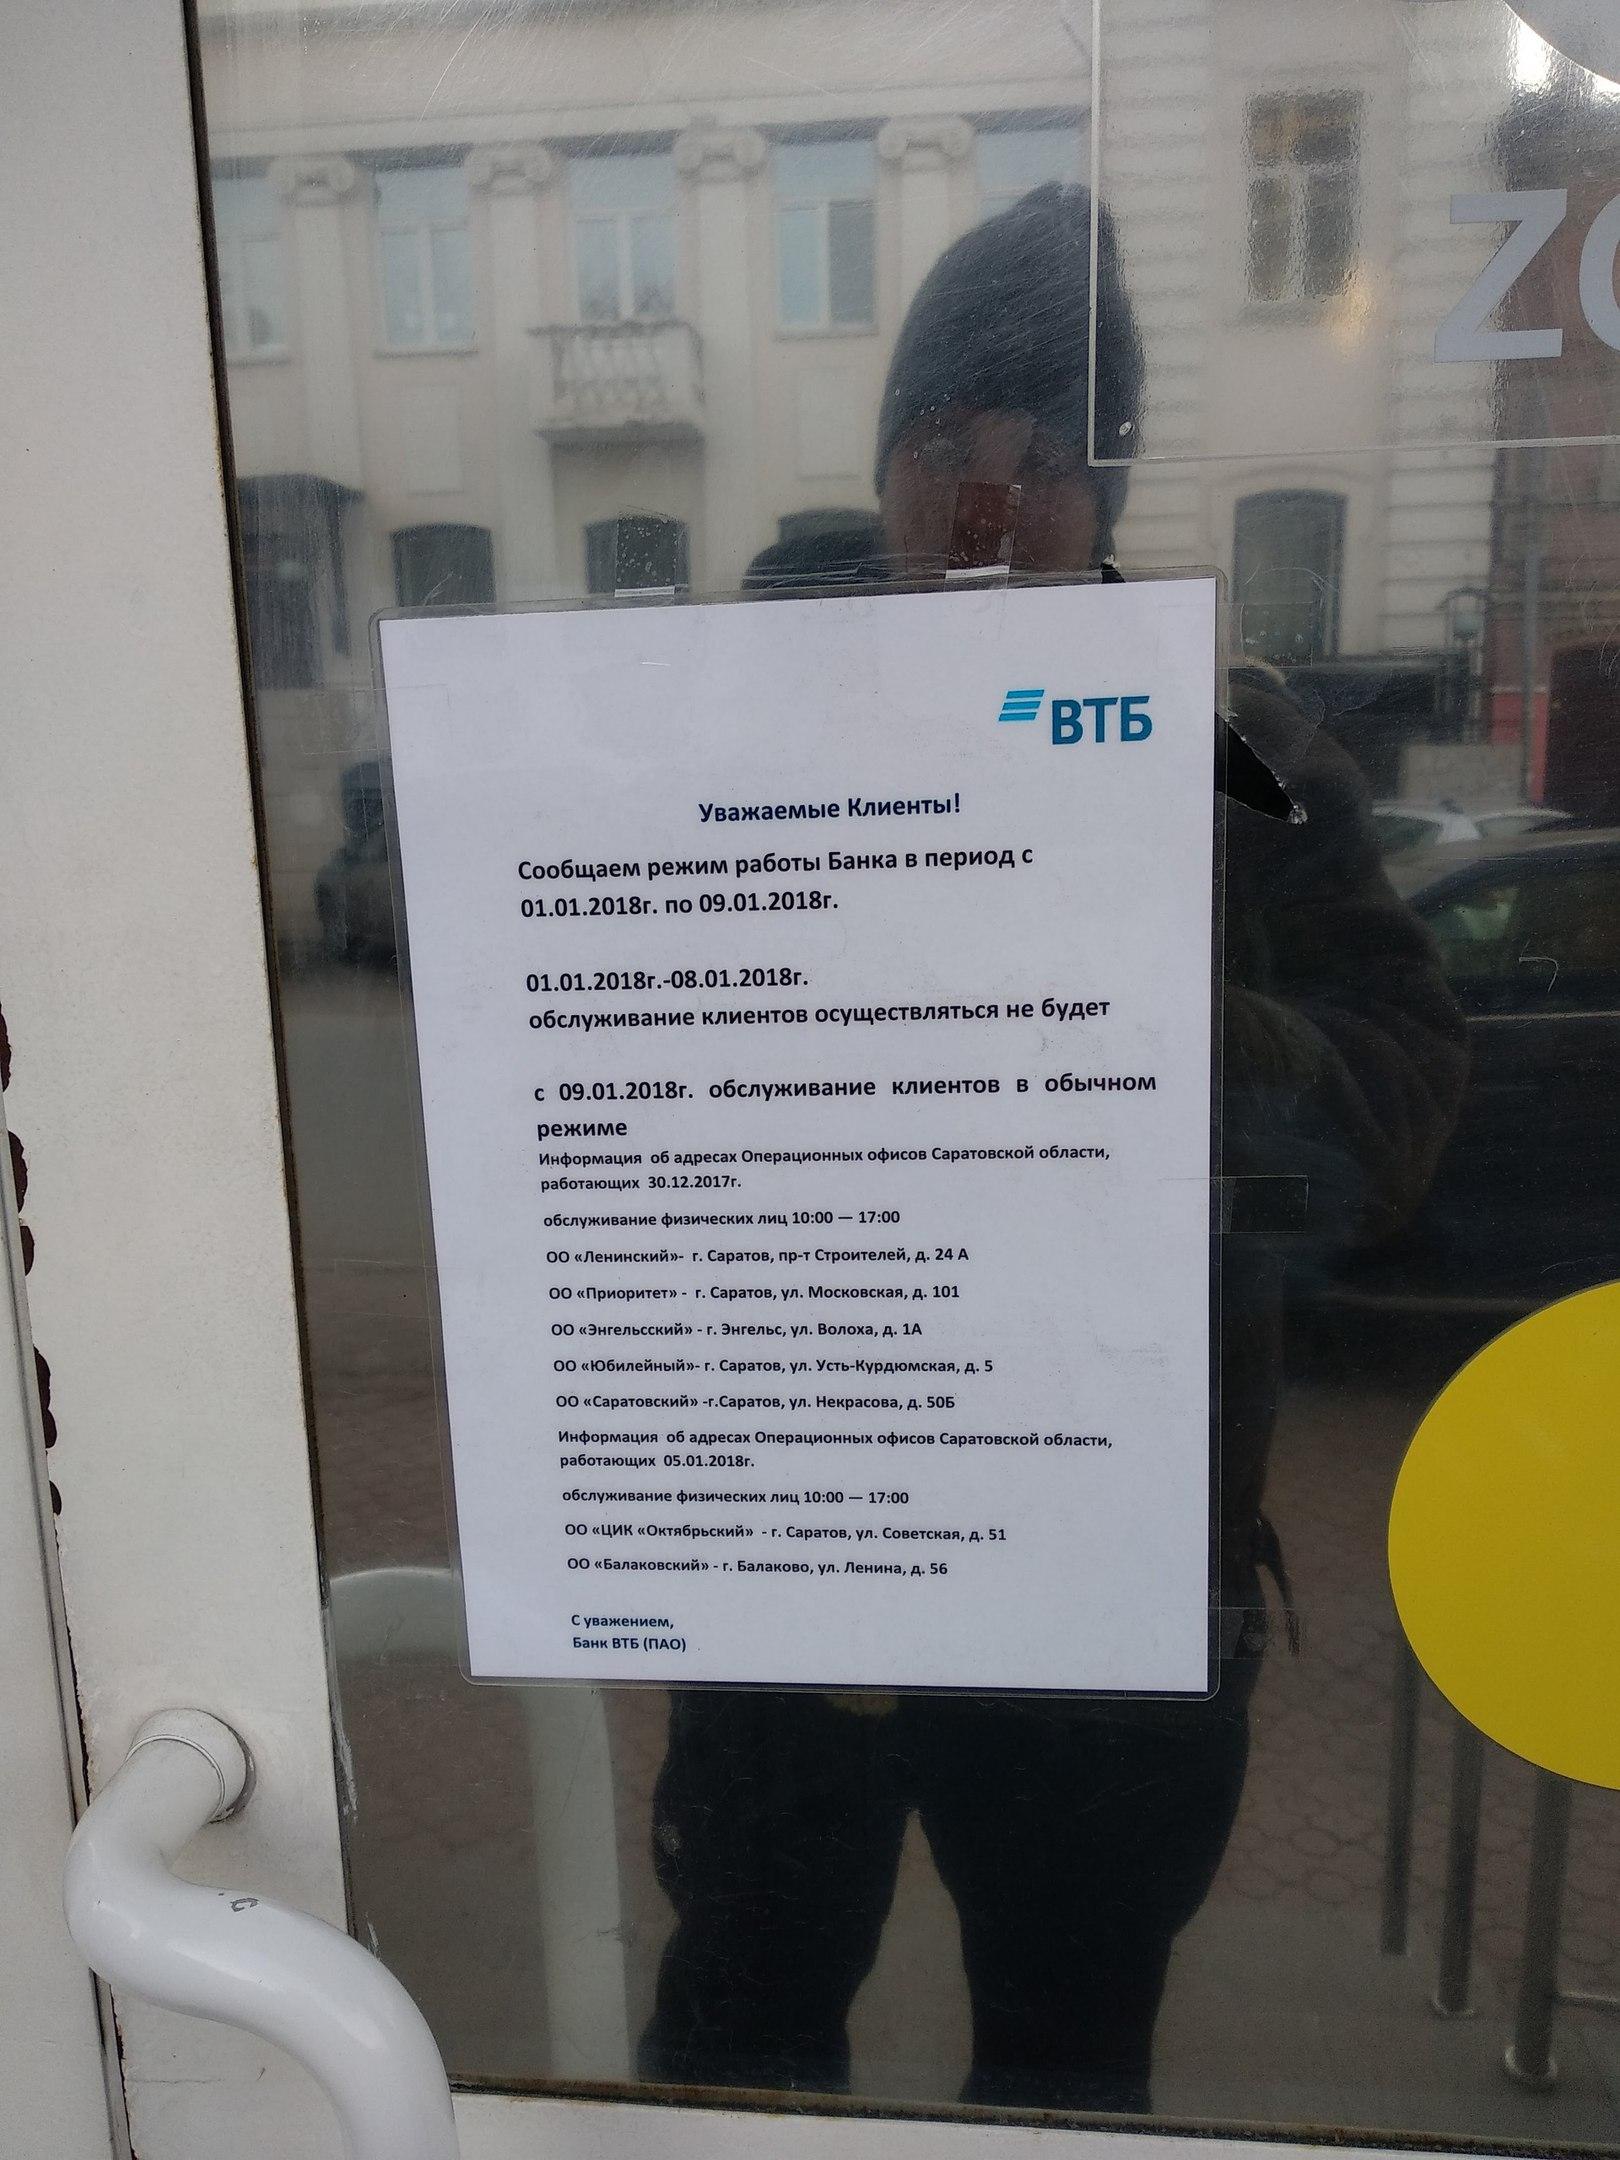 Отделения банка «Агророс» Саратов - удобный поиск филиалов по карте города, адреса и контактные телефоны, ближайшее метро, режим работы.